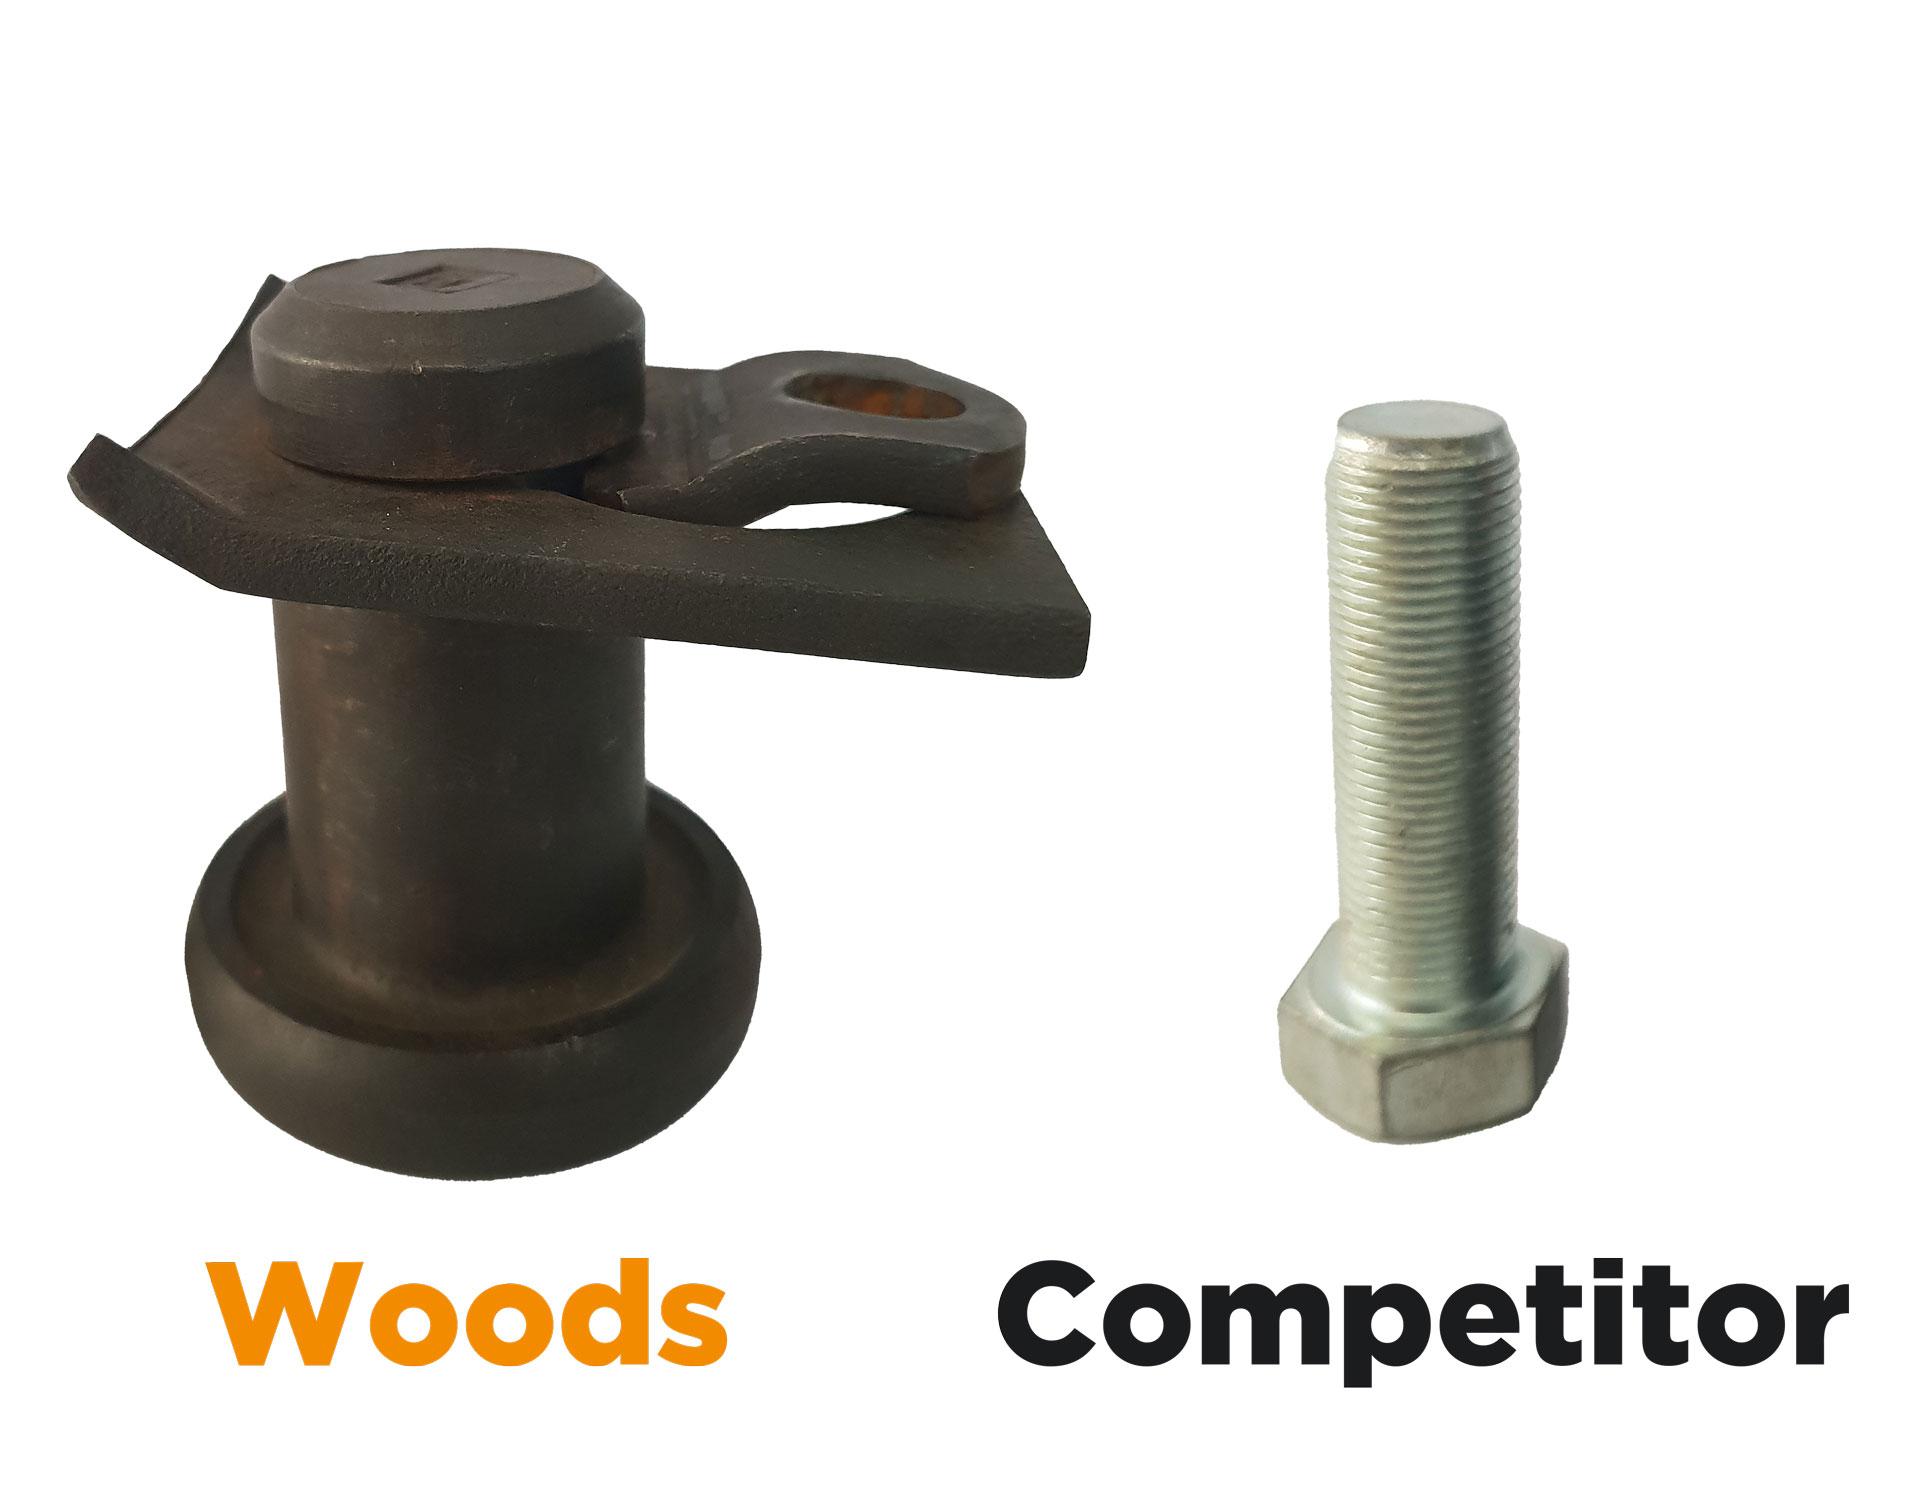 blade pin - Woods Equipment Australia